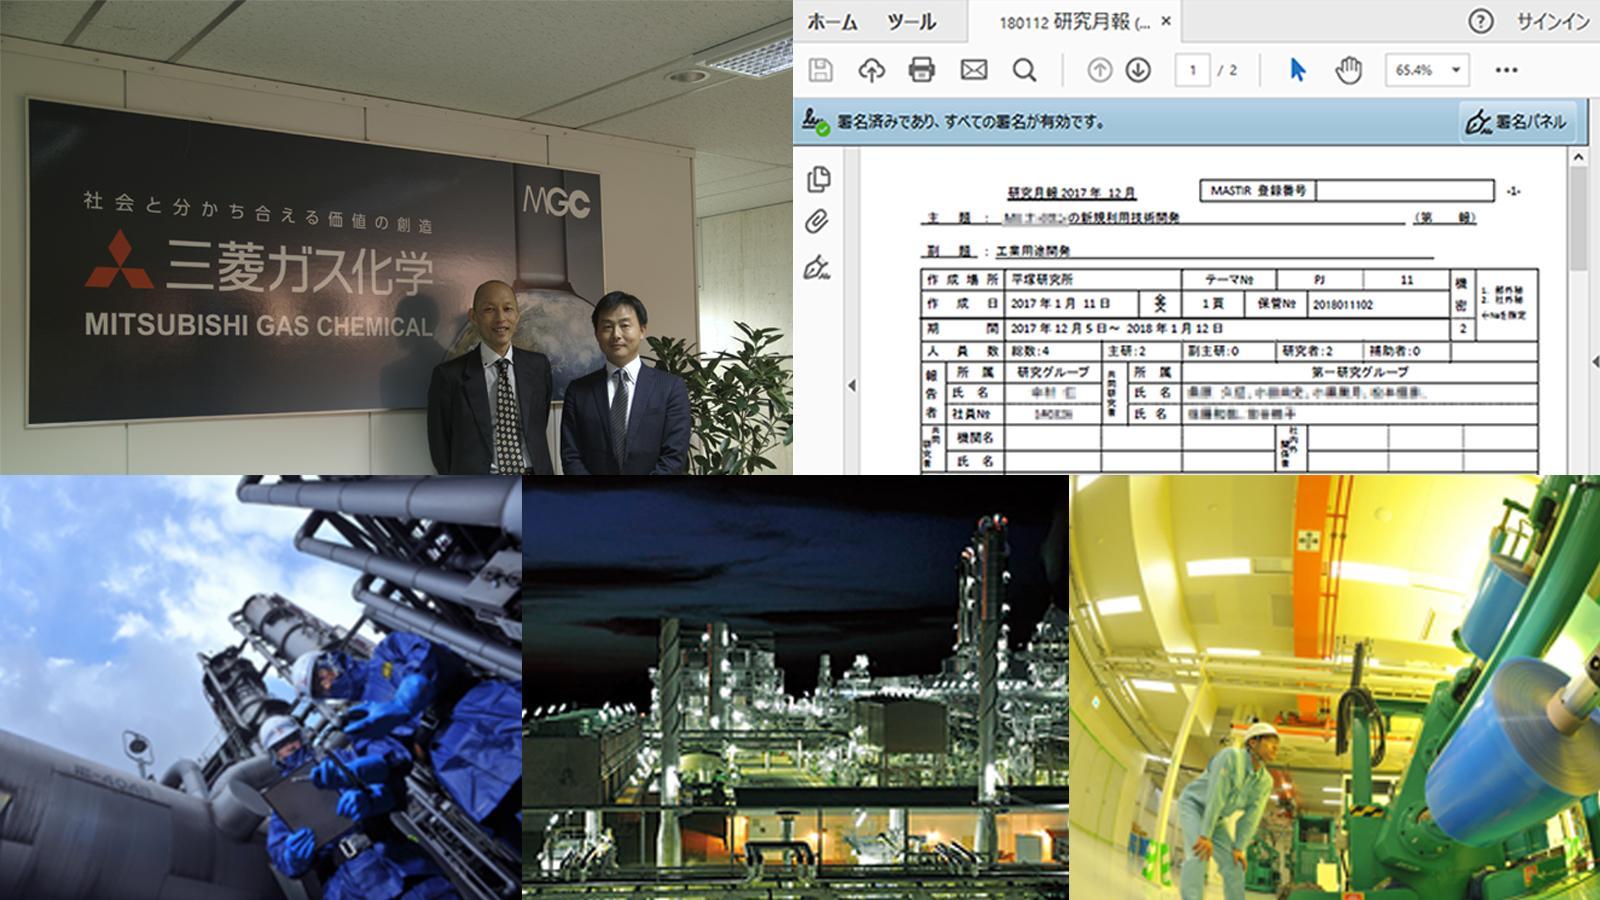 パナソニックが三菱ガス化学に文書管理システム「Global Doc」を納入